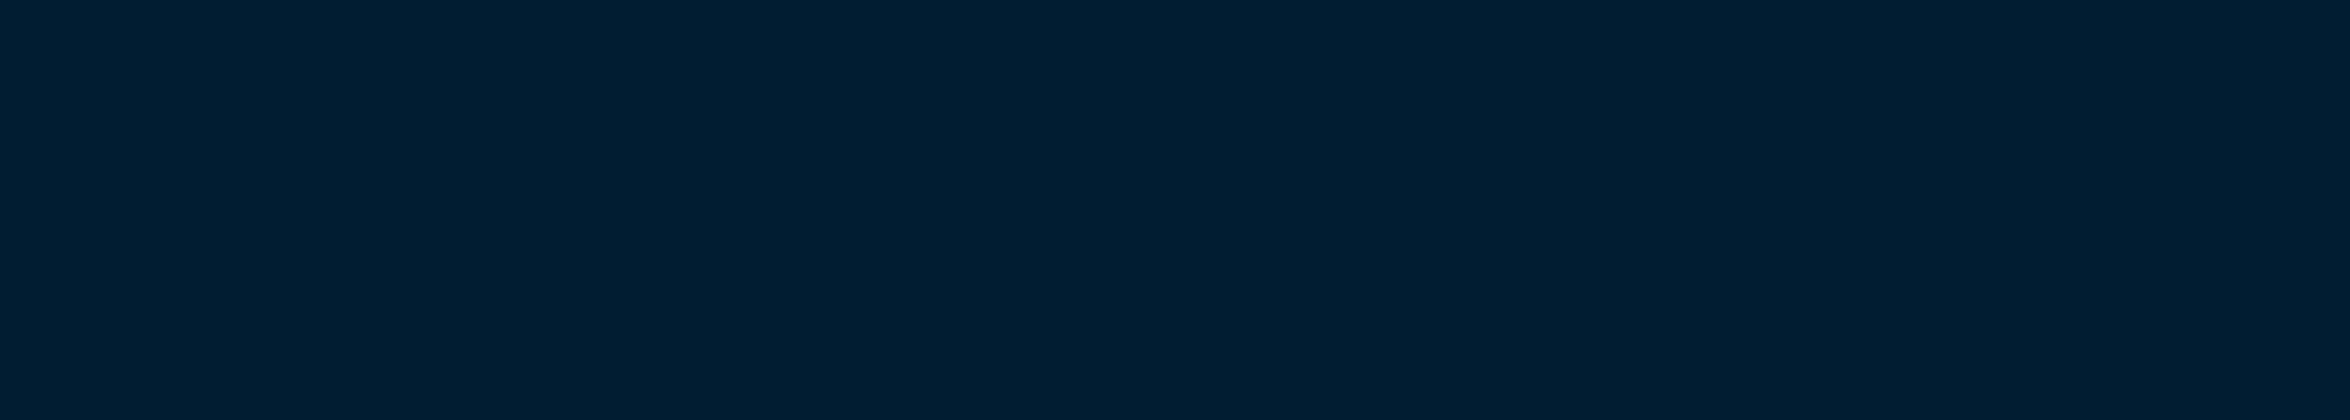 https://attictobasementsolutions.com/wp-content/uploads/2019/05/blue_gradient.png